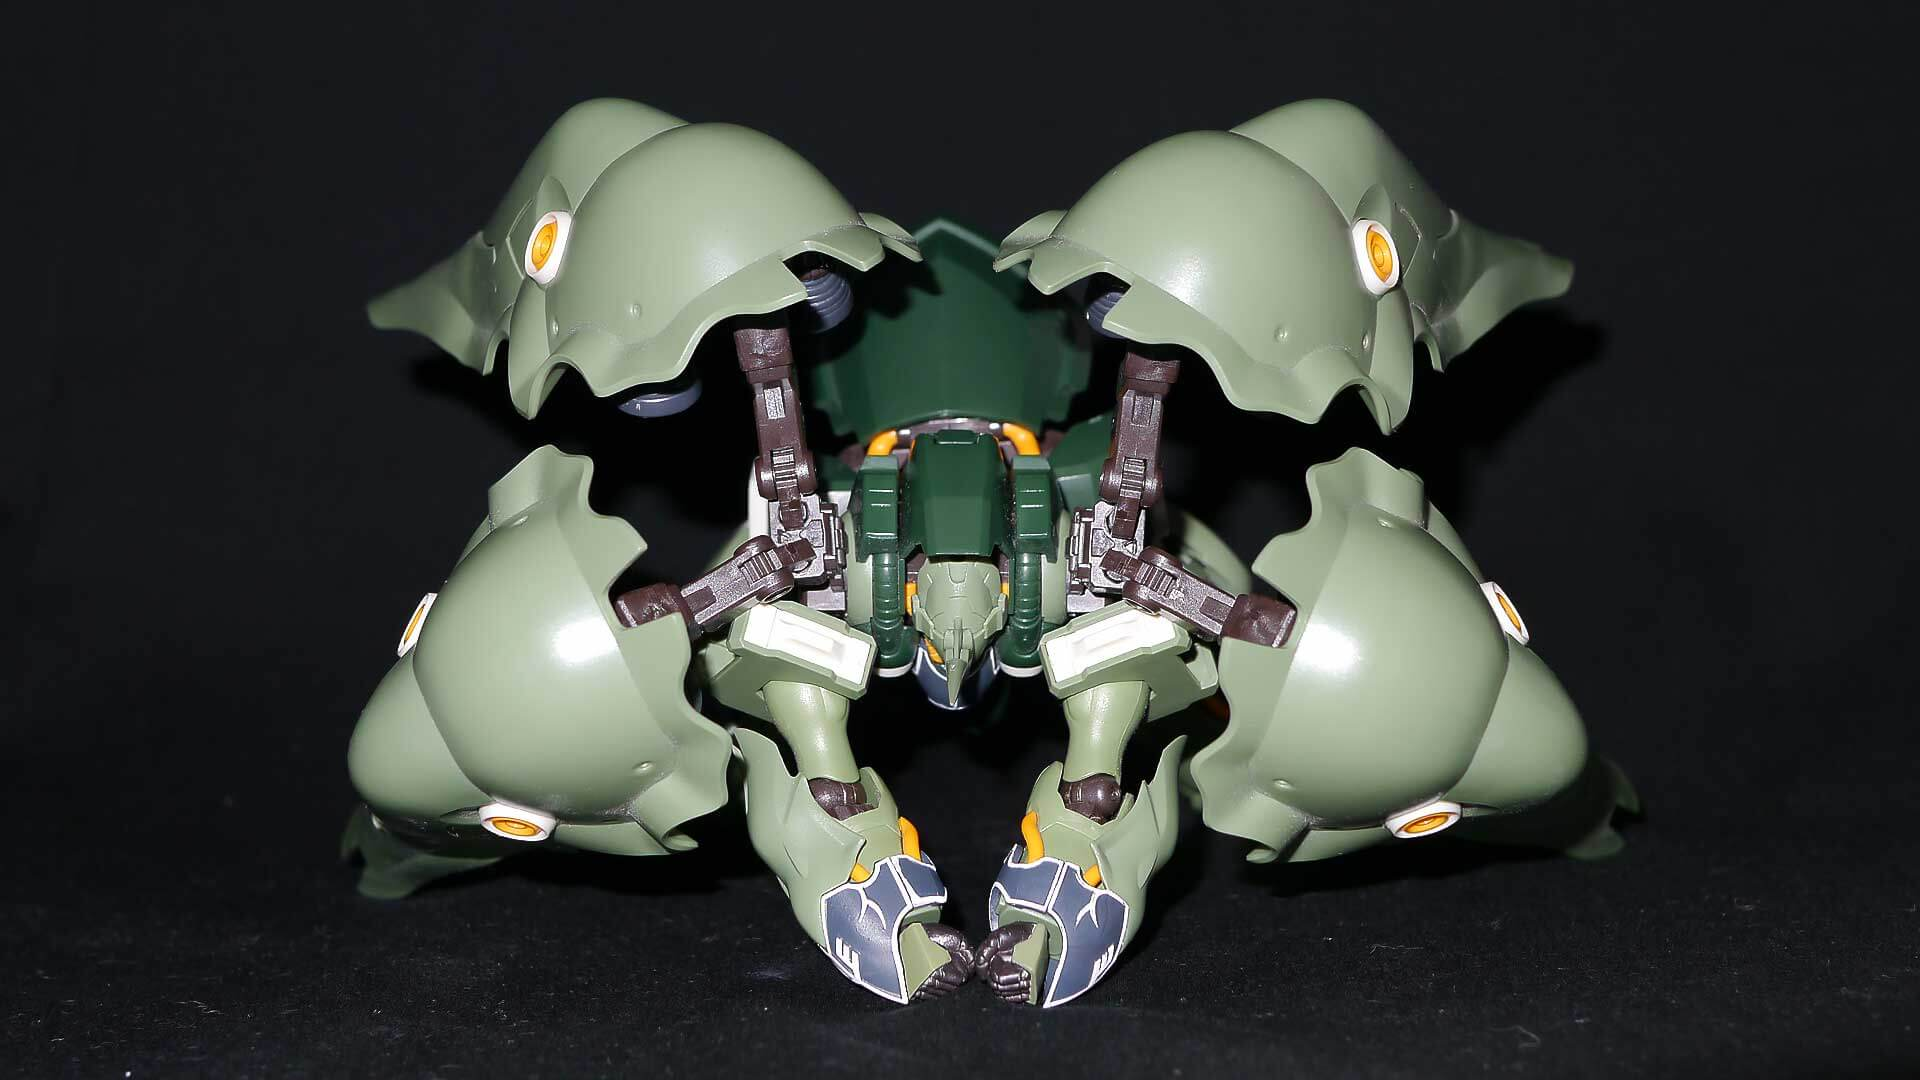 ROBOT魂 クシャトリヤ 肩関節構造